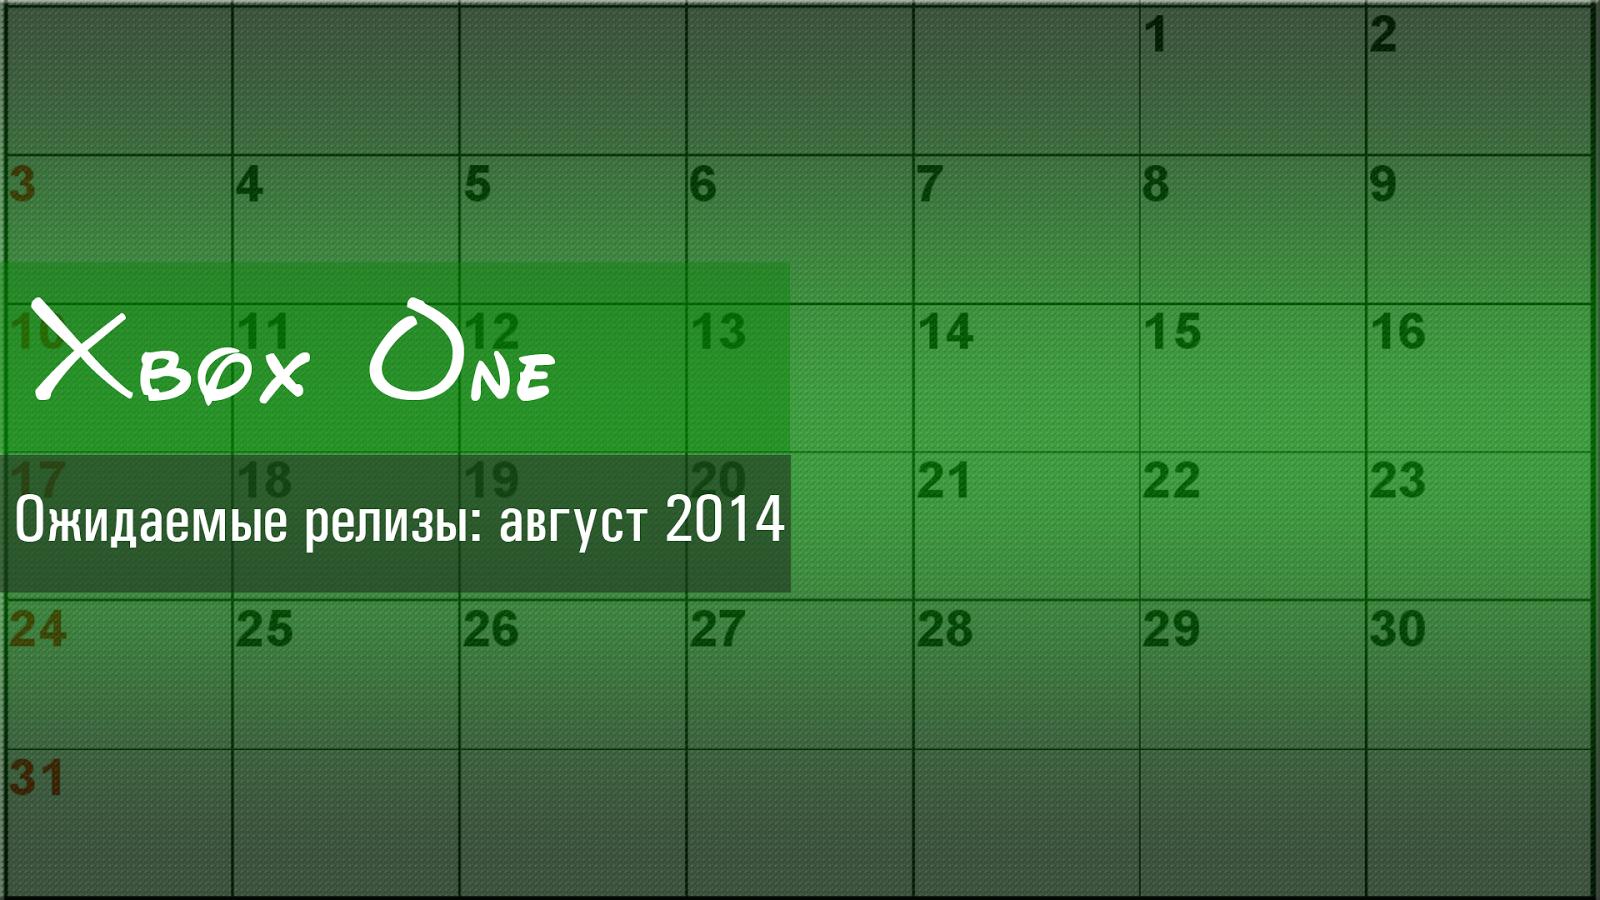 Ожидаемые игры для Xbox One в августе 2014